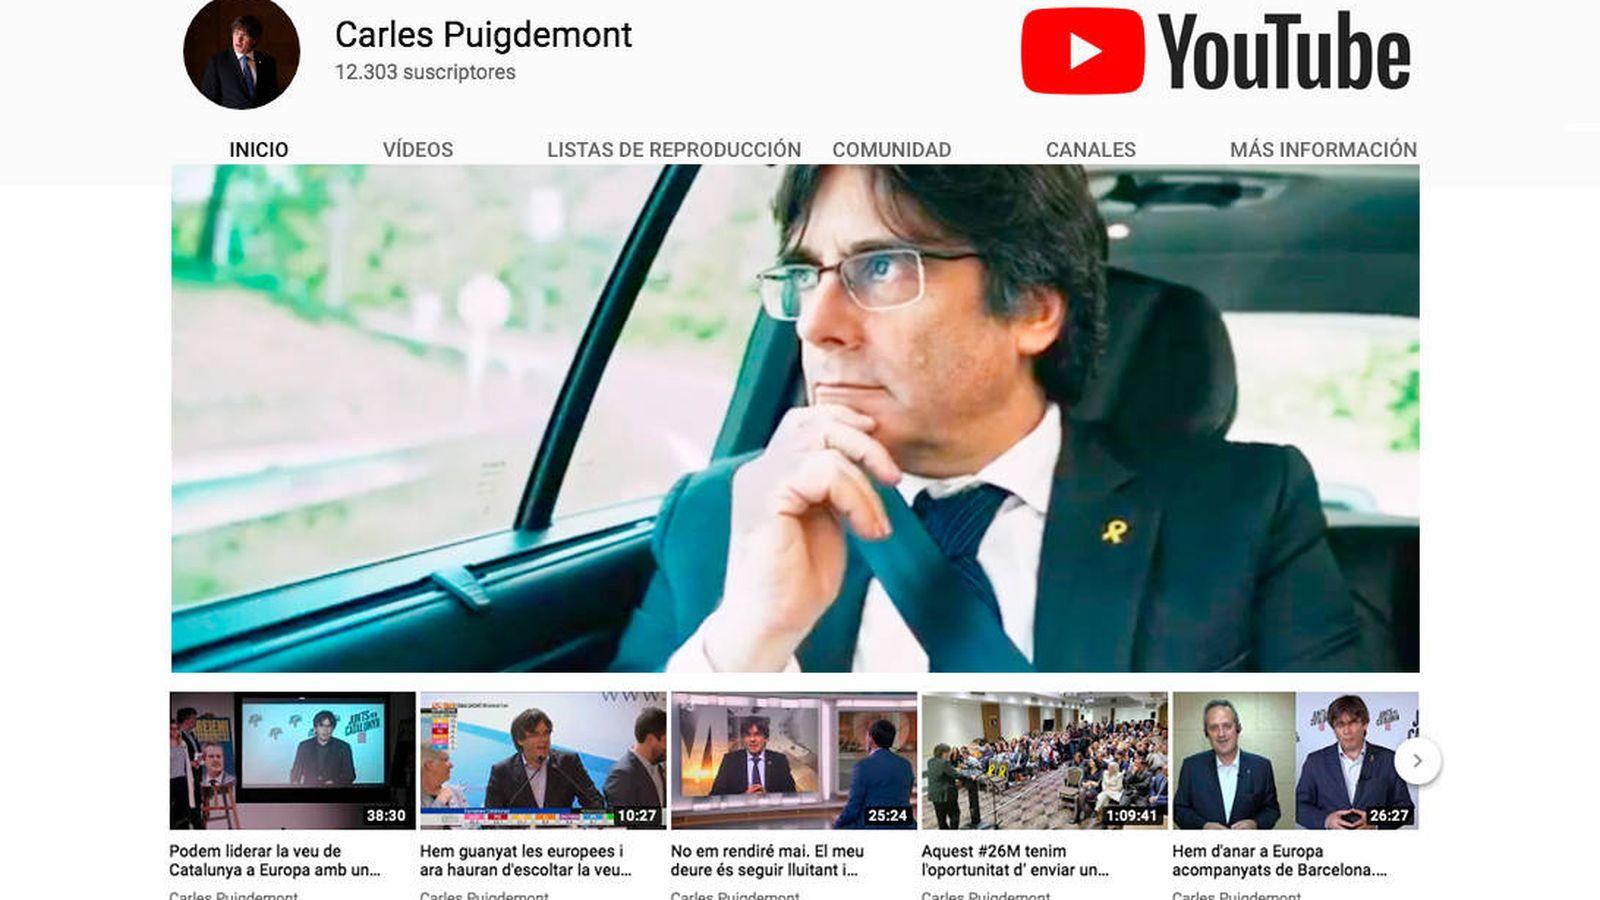 Foto: Canal de Youtube de Carles Puigdemont.